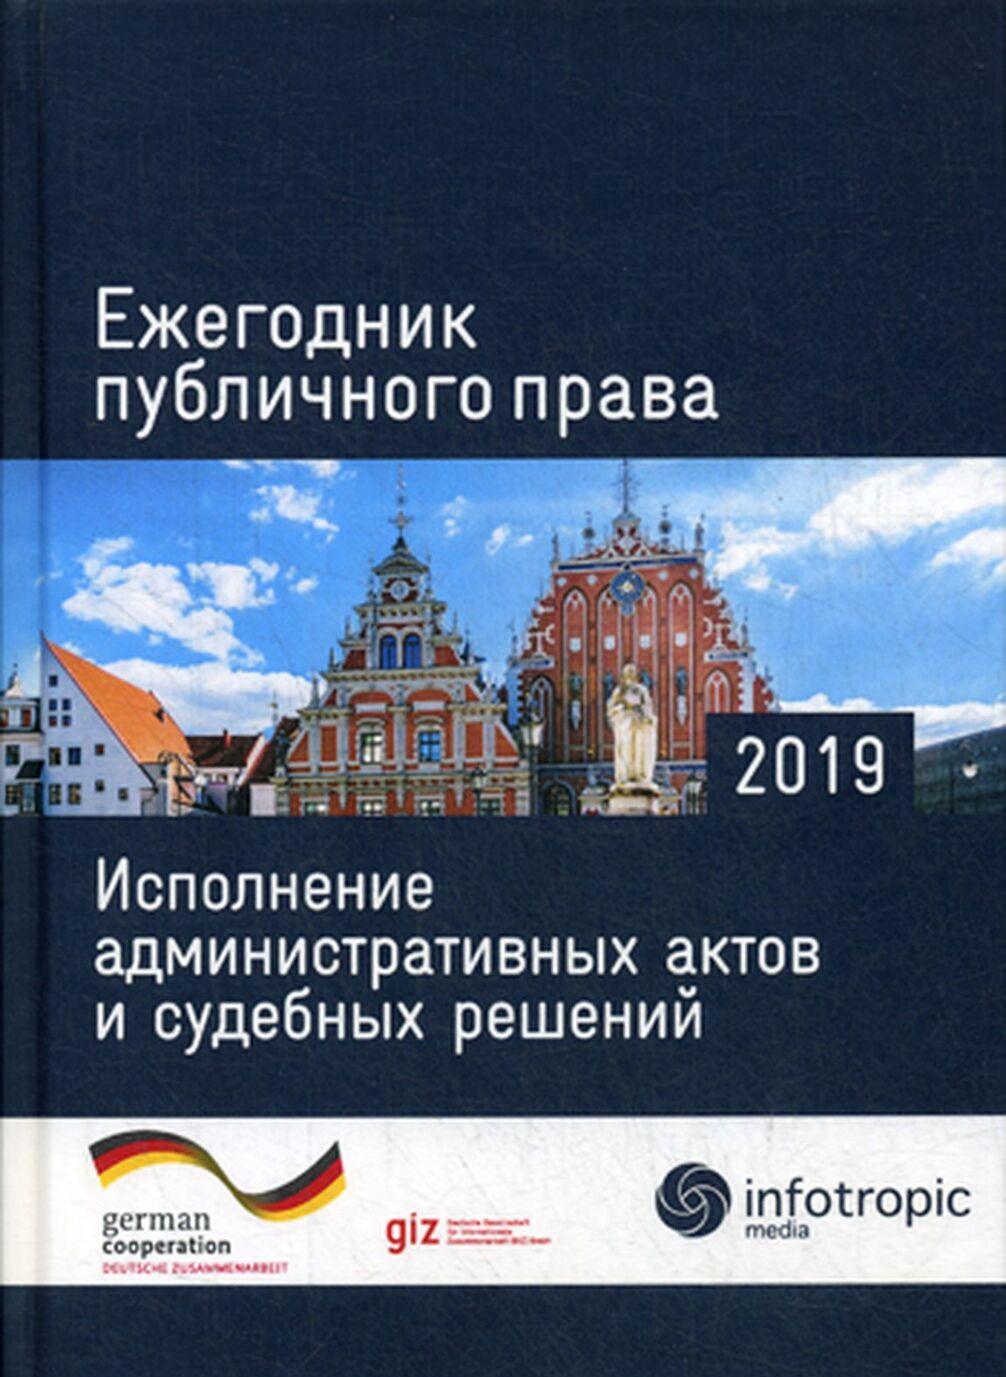 Ezhegodnik publichnogo prava 2019. Ispolnenie administrativnykh aktov i sudebnykh reshenij